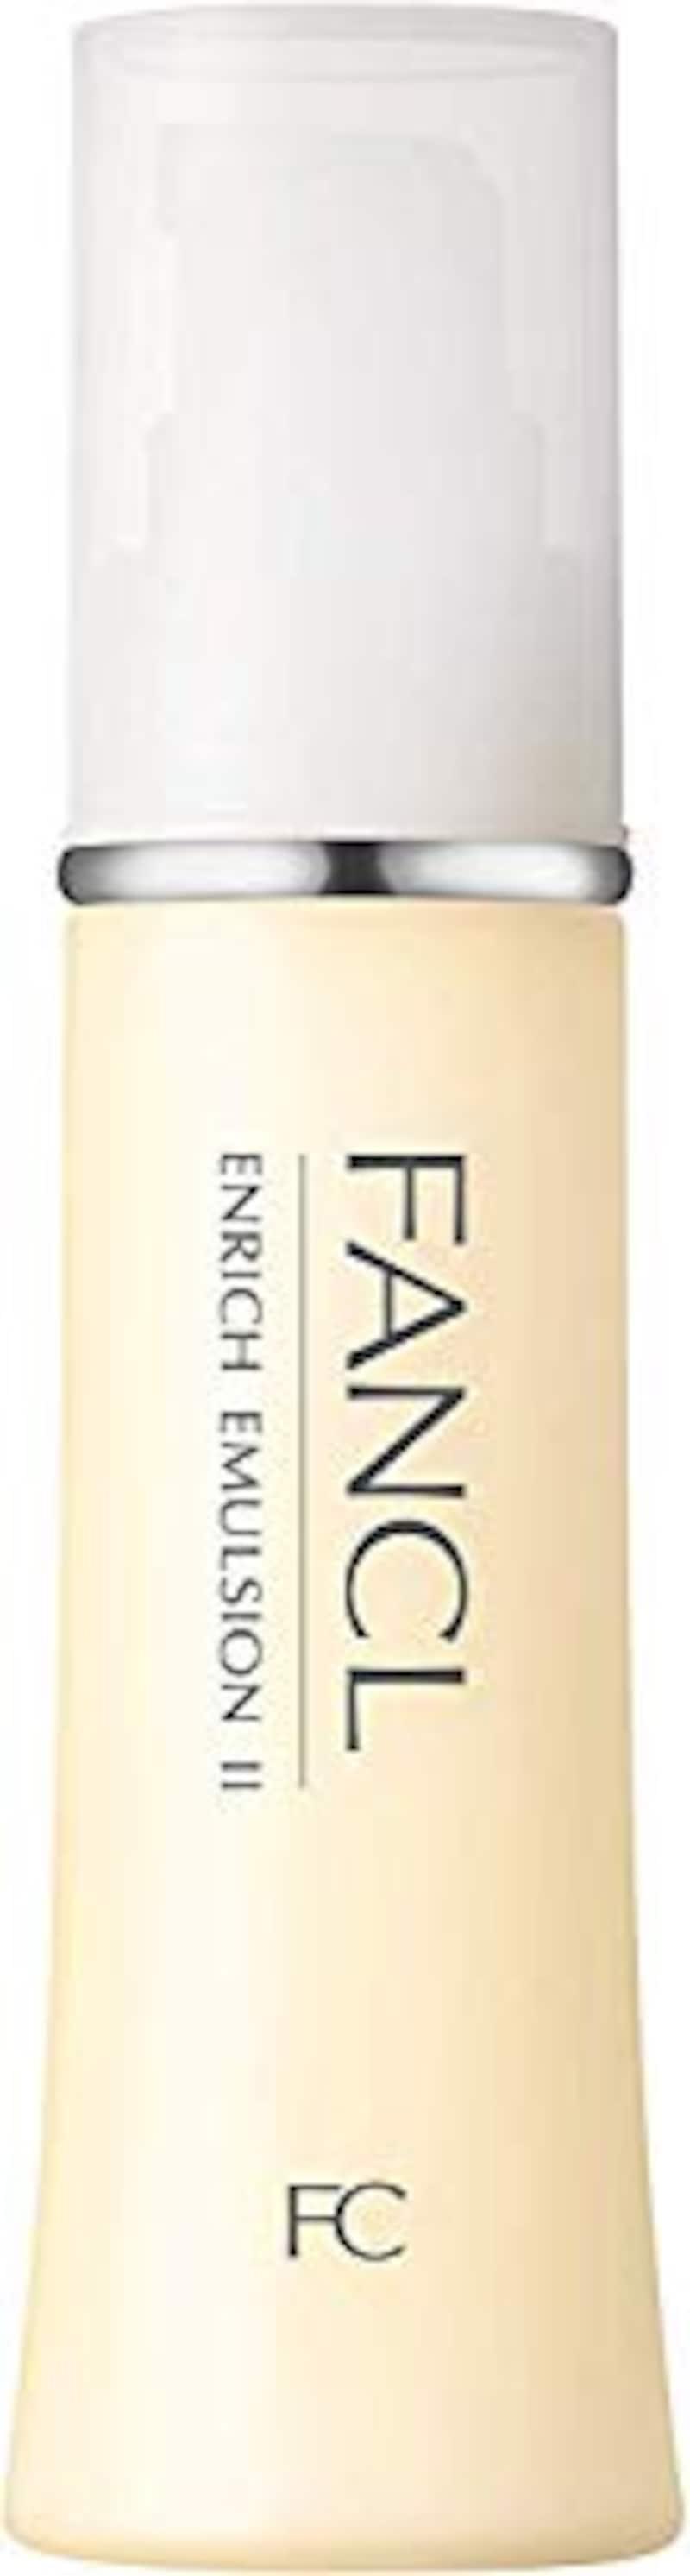 ファンケル,エンリッチ 乳液II しっとり